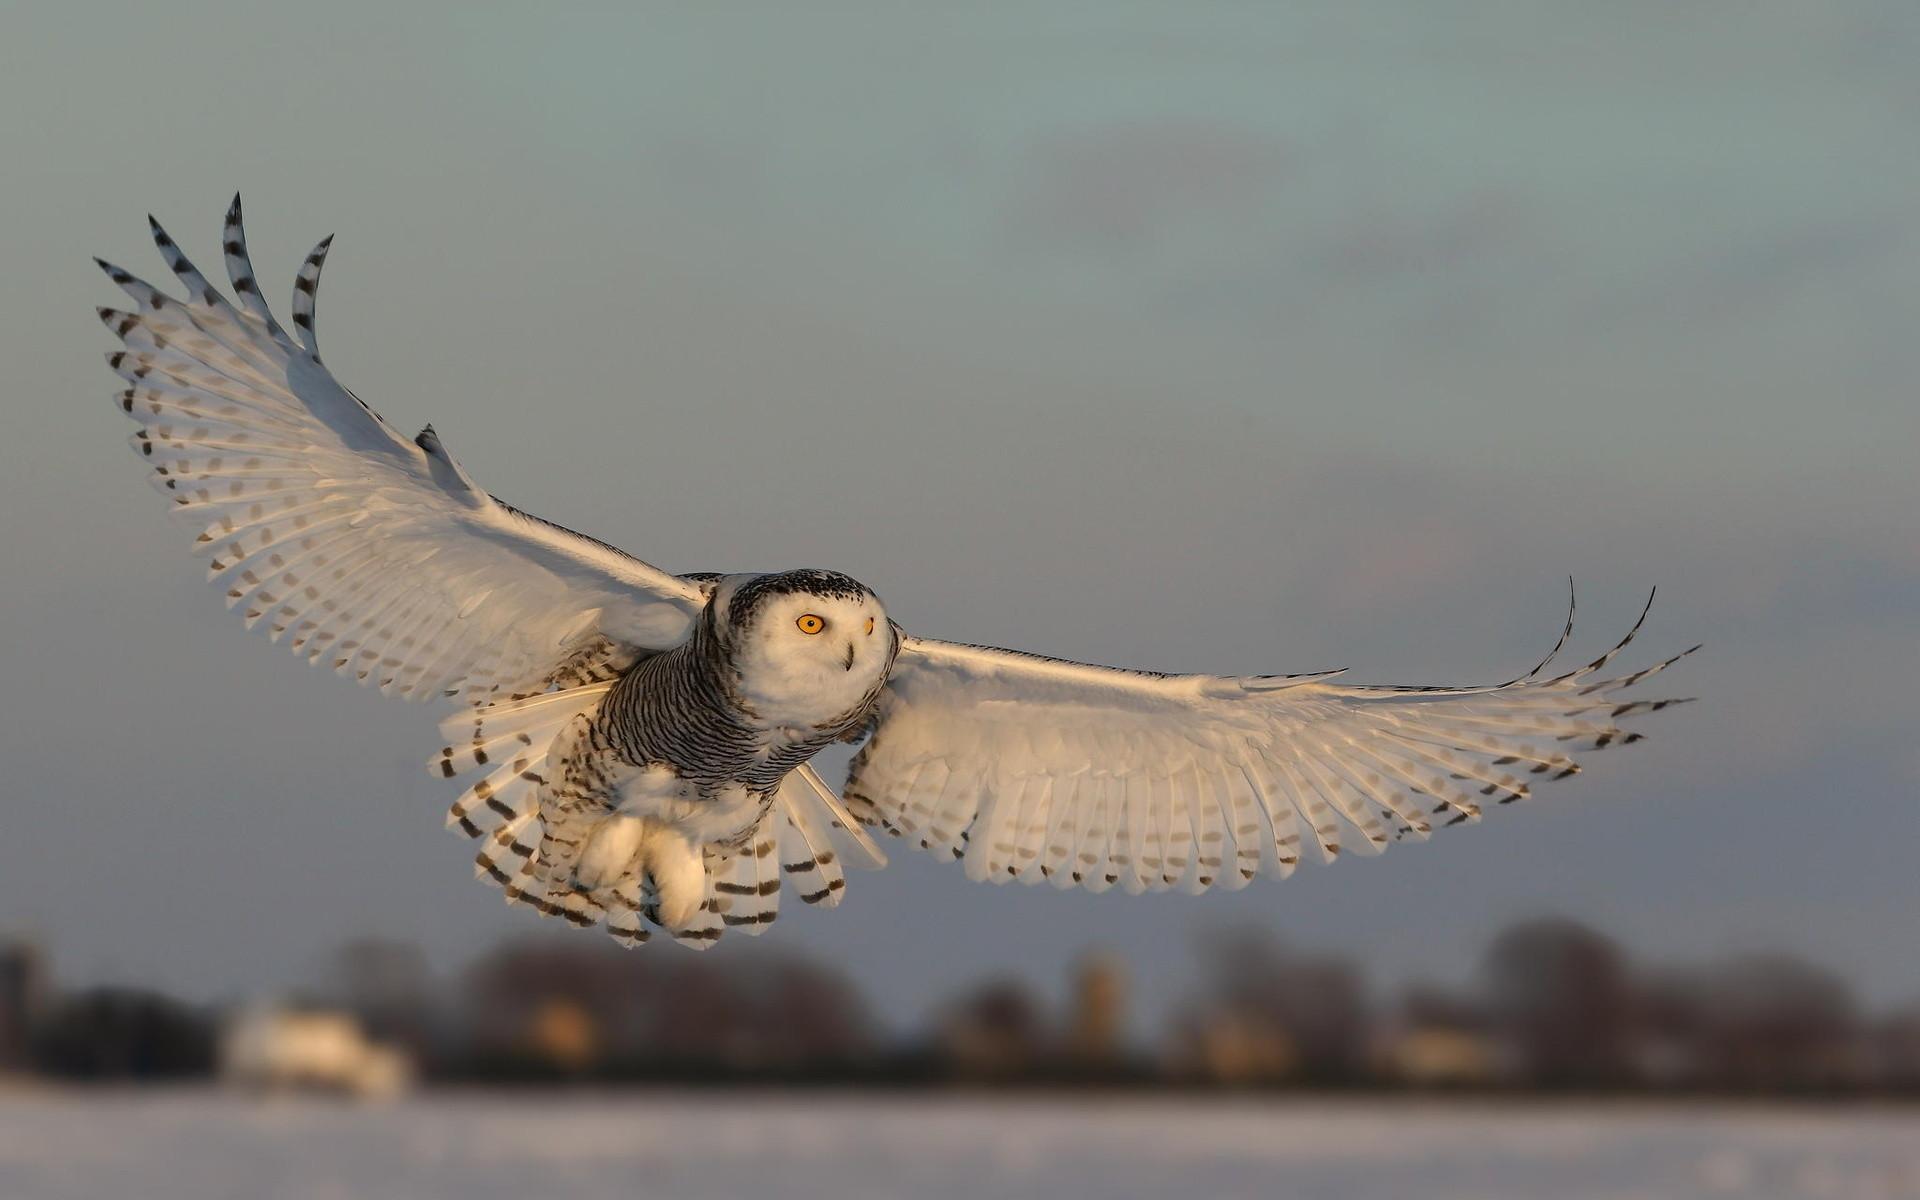 Flying Owl Wallpaper